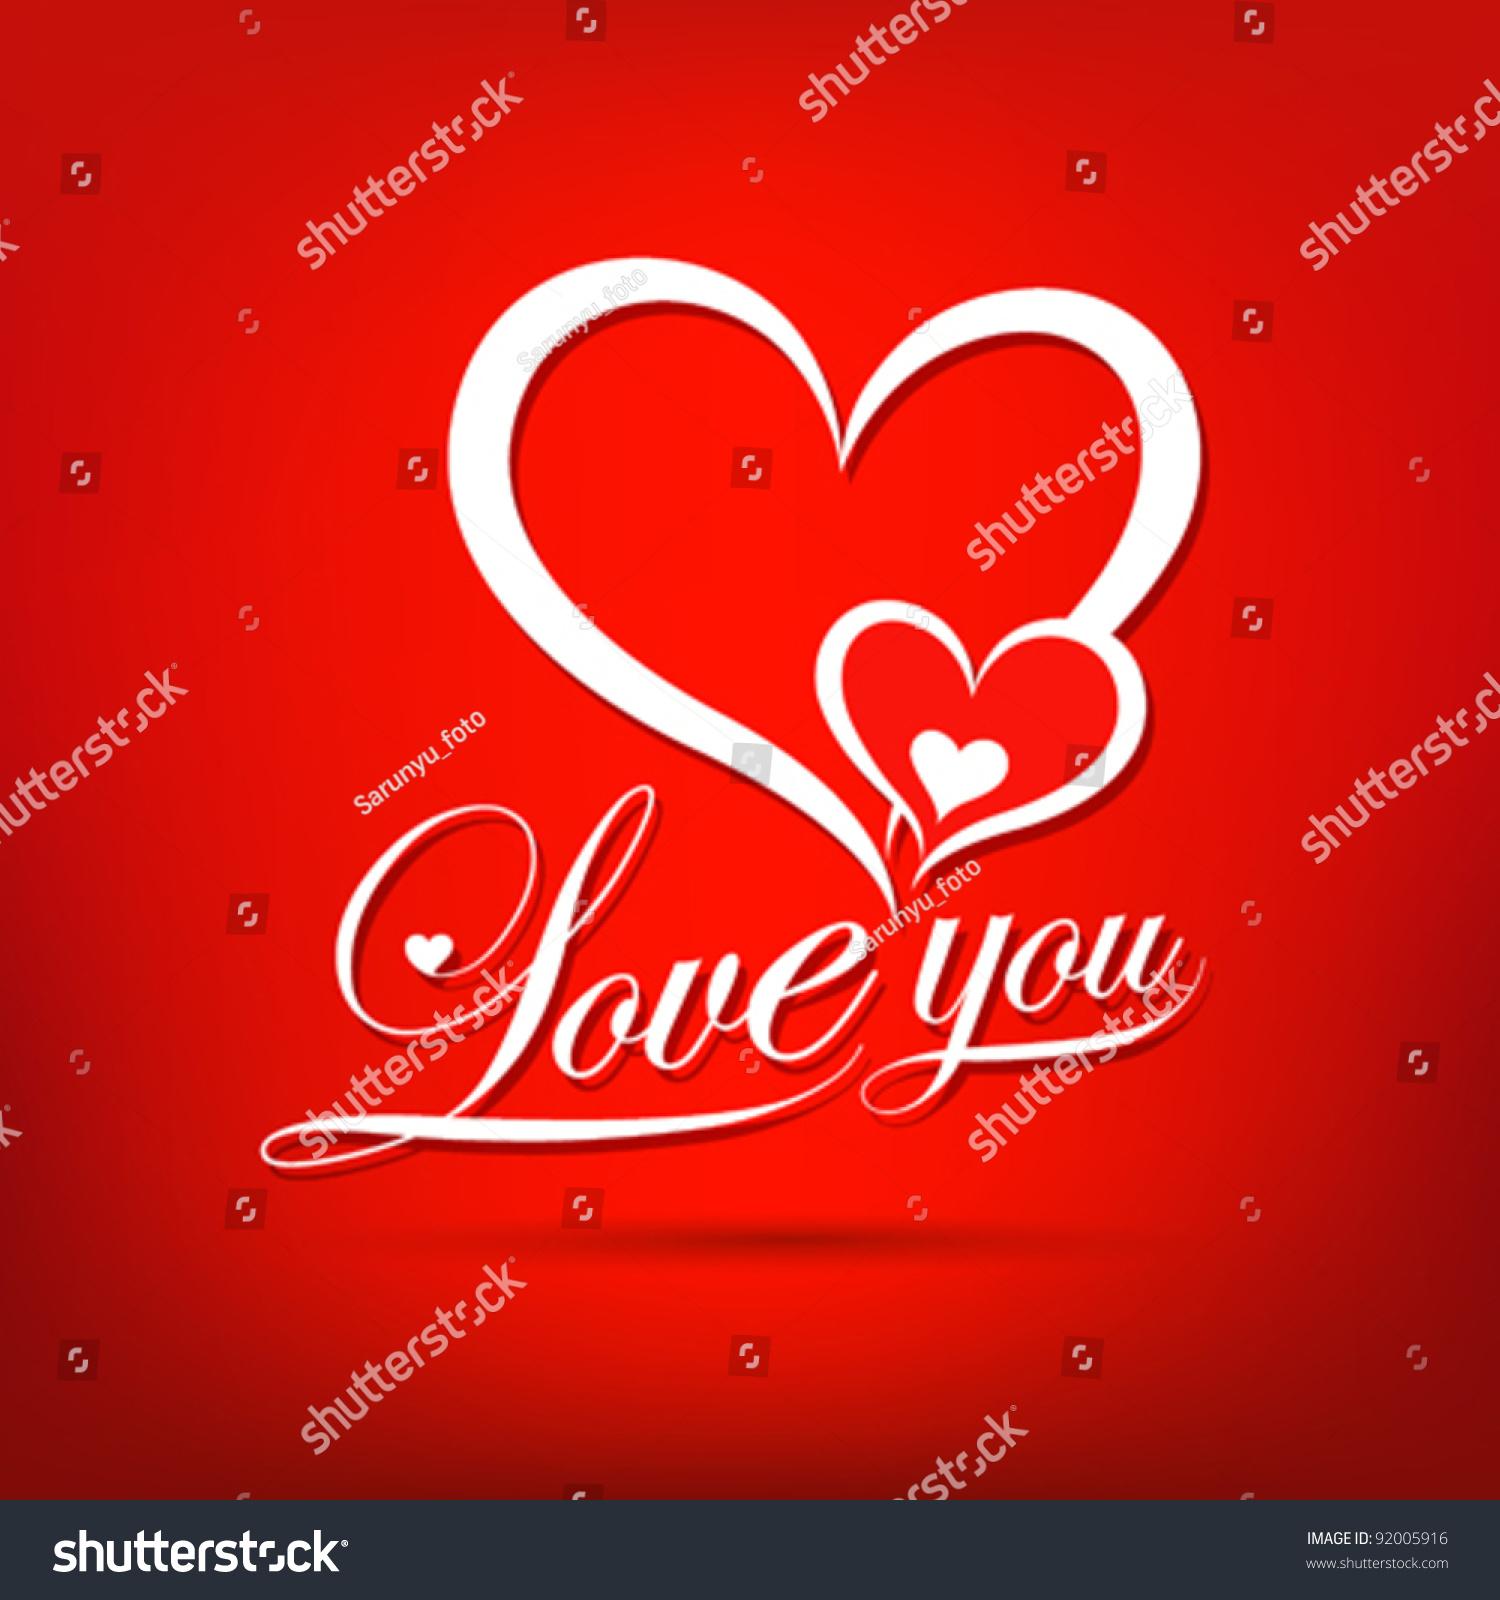 Love You Valentines Day Greeting Card Stock-Vektorgrafik 92005916 ...